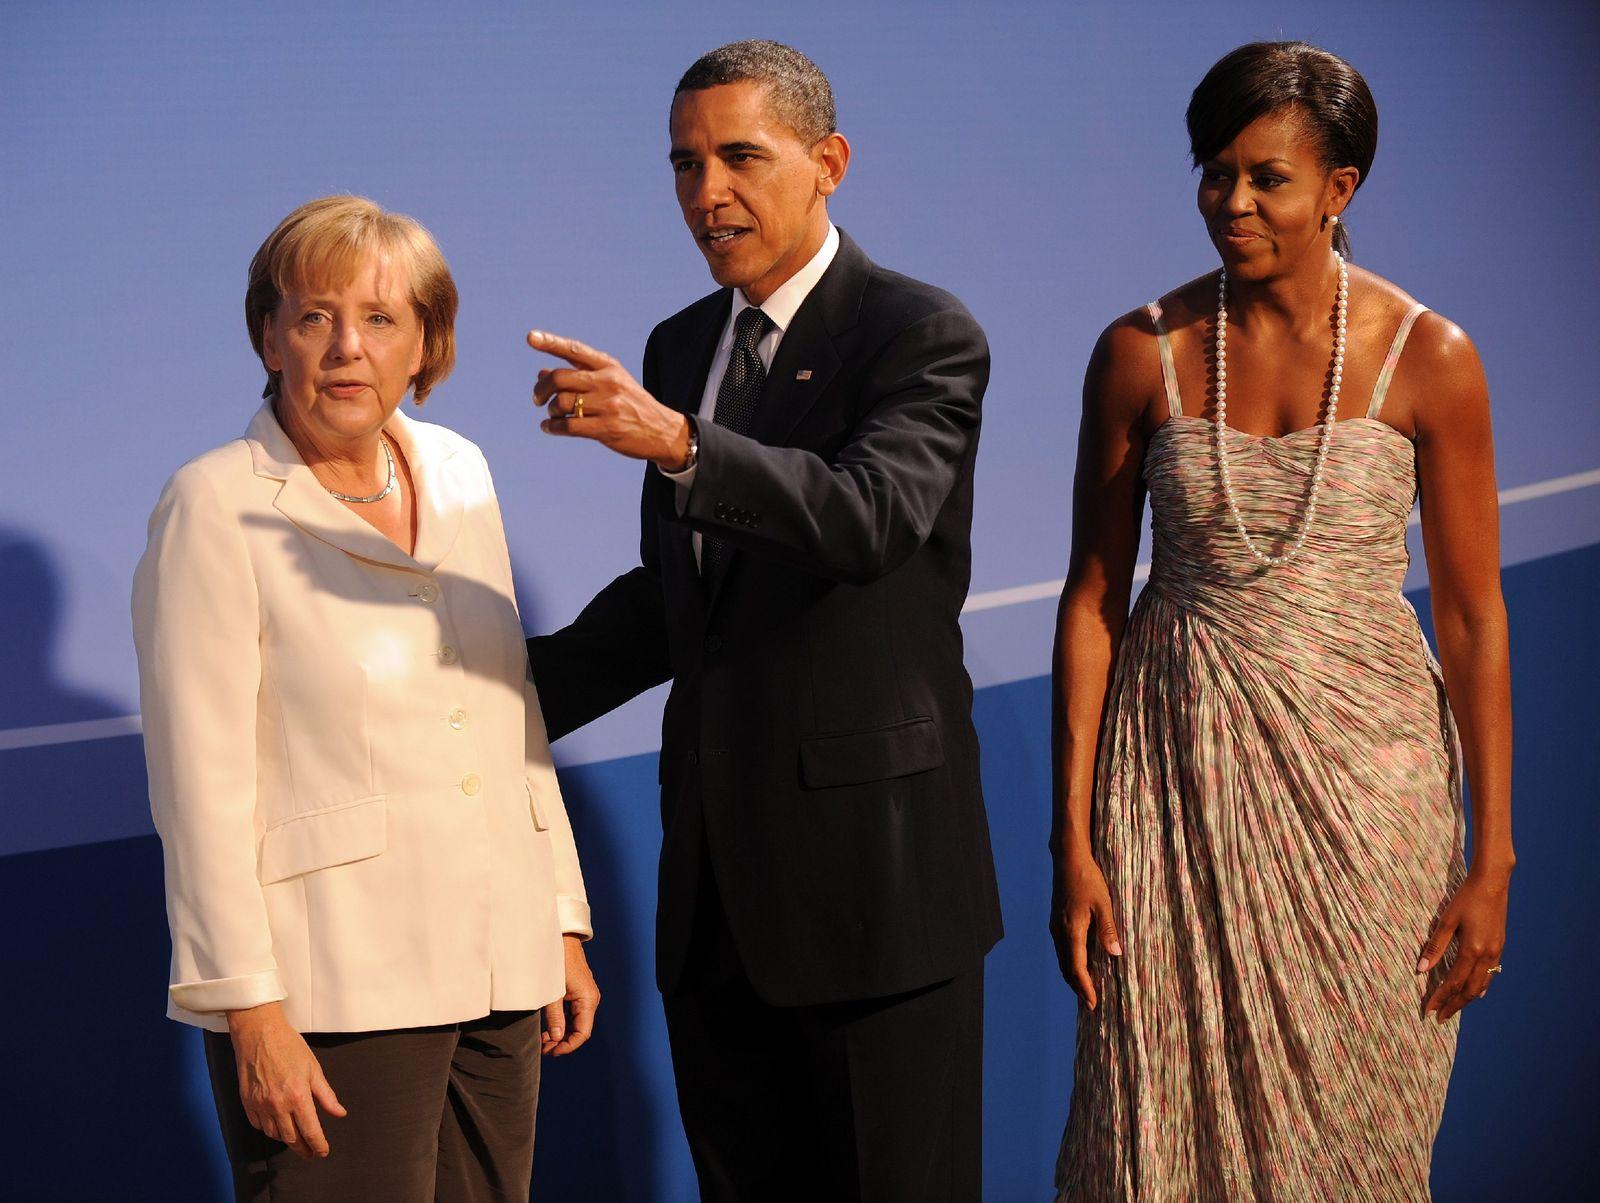 G20-Gipfel in Pittsburgh - Obama und Merkel